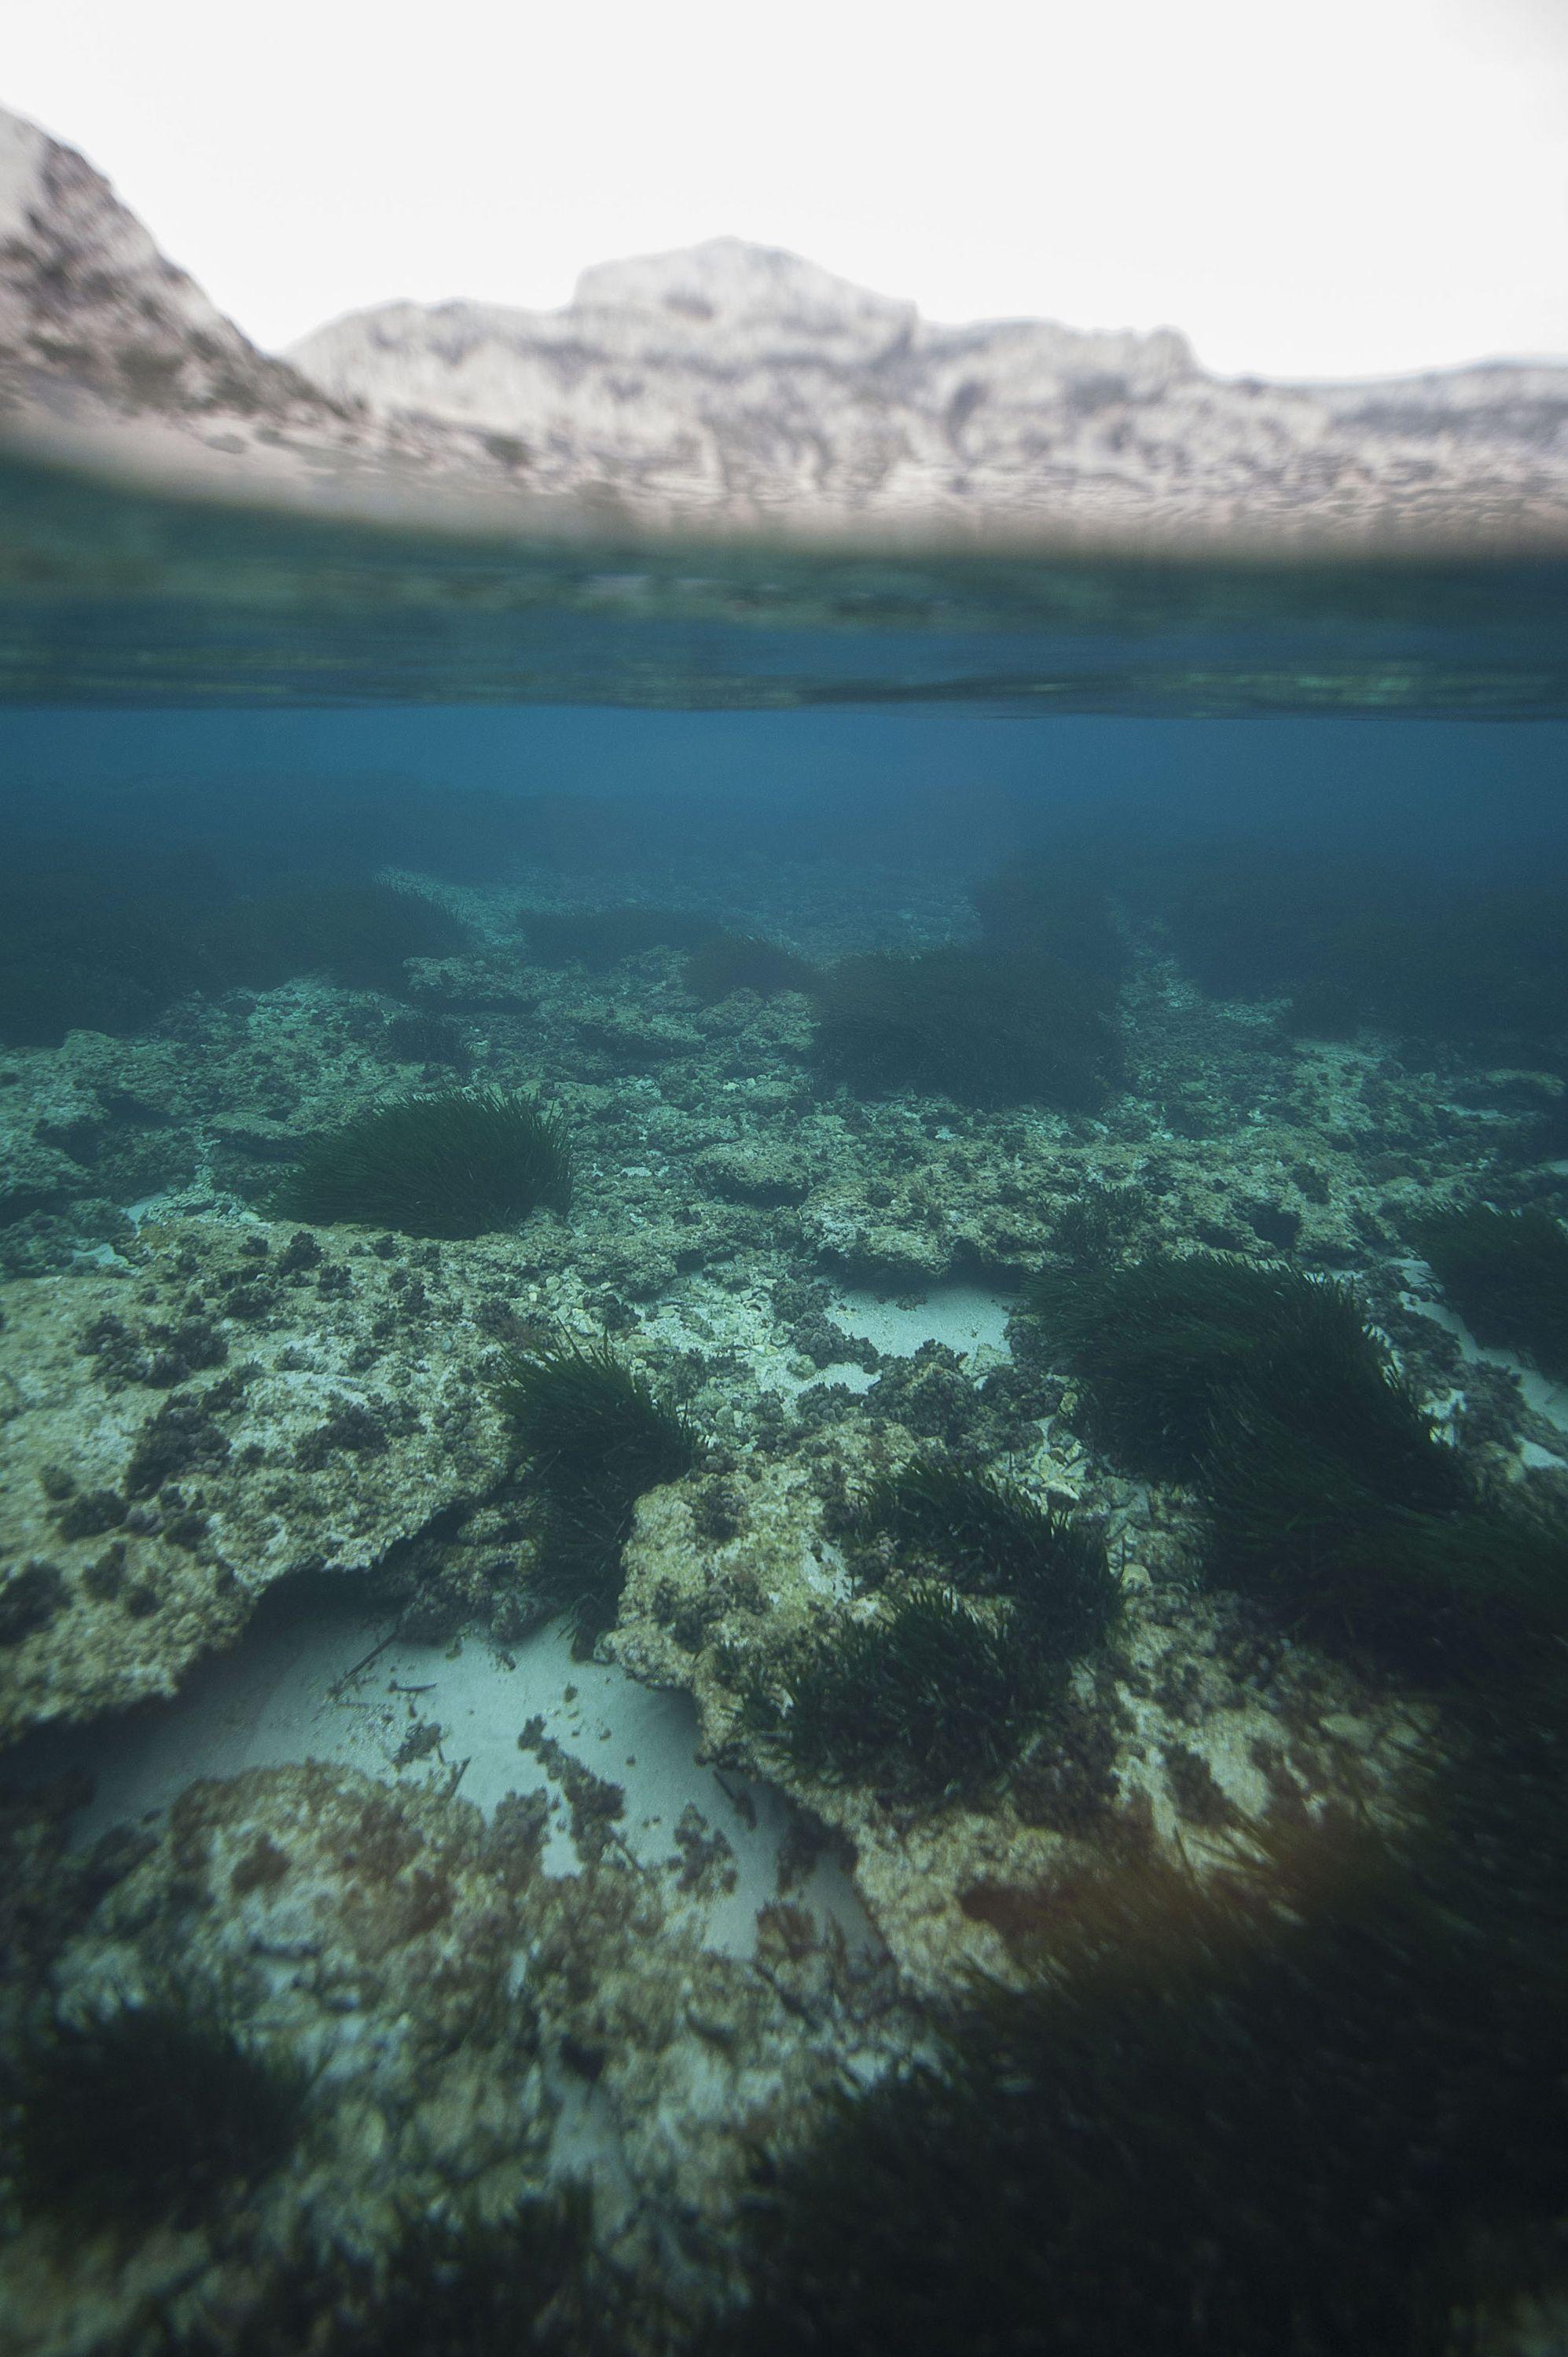 海底レアメタル発見で温暖化対策と環境破壊にジレンマ